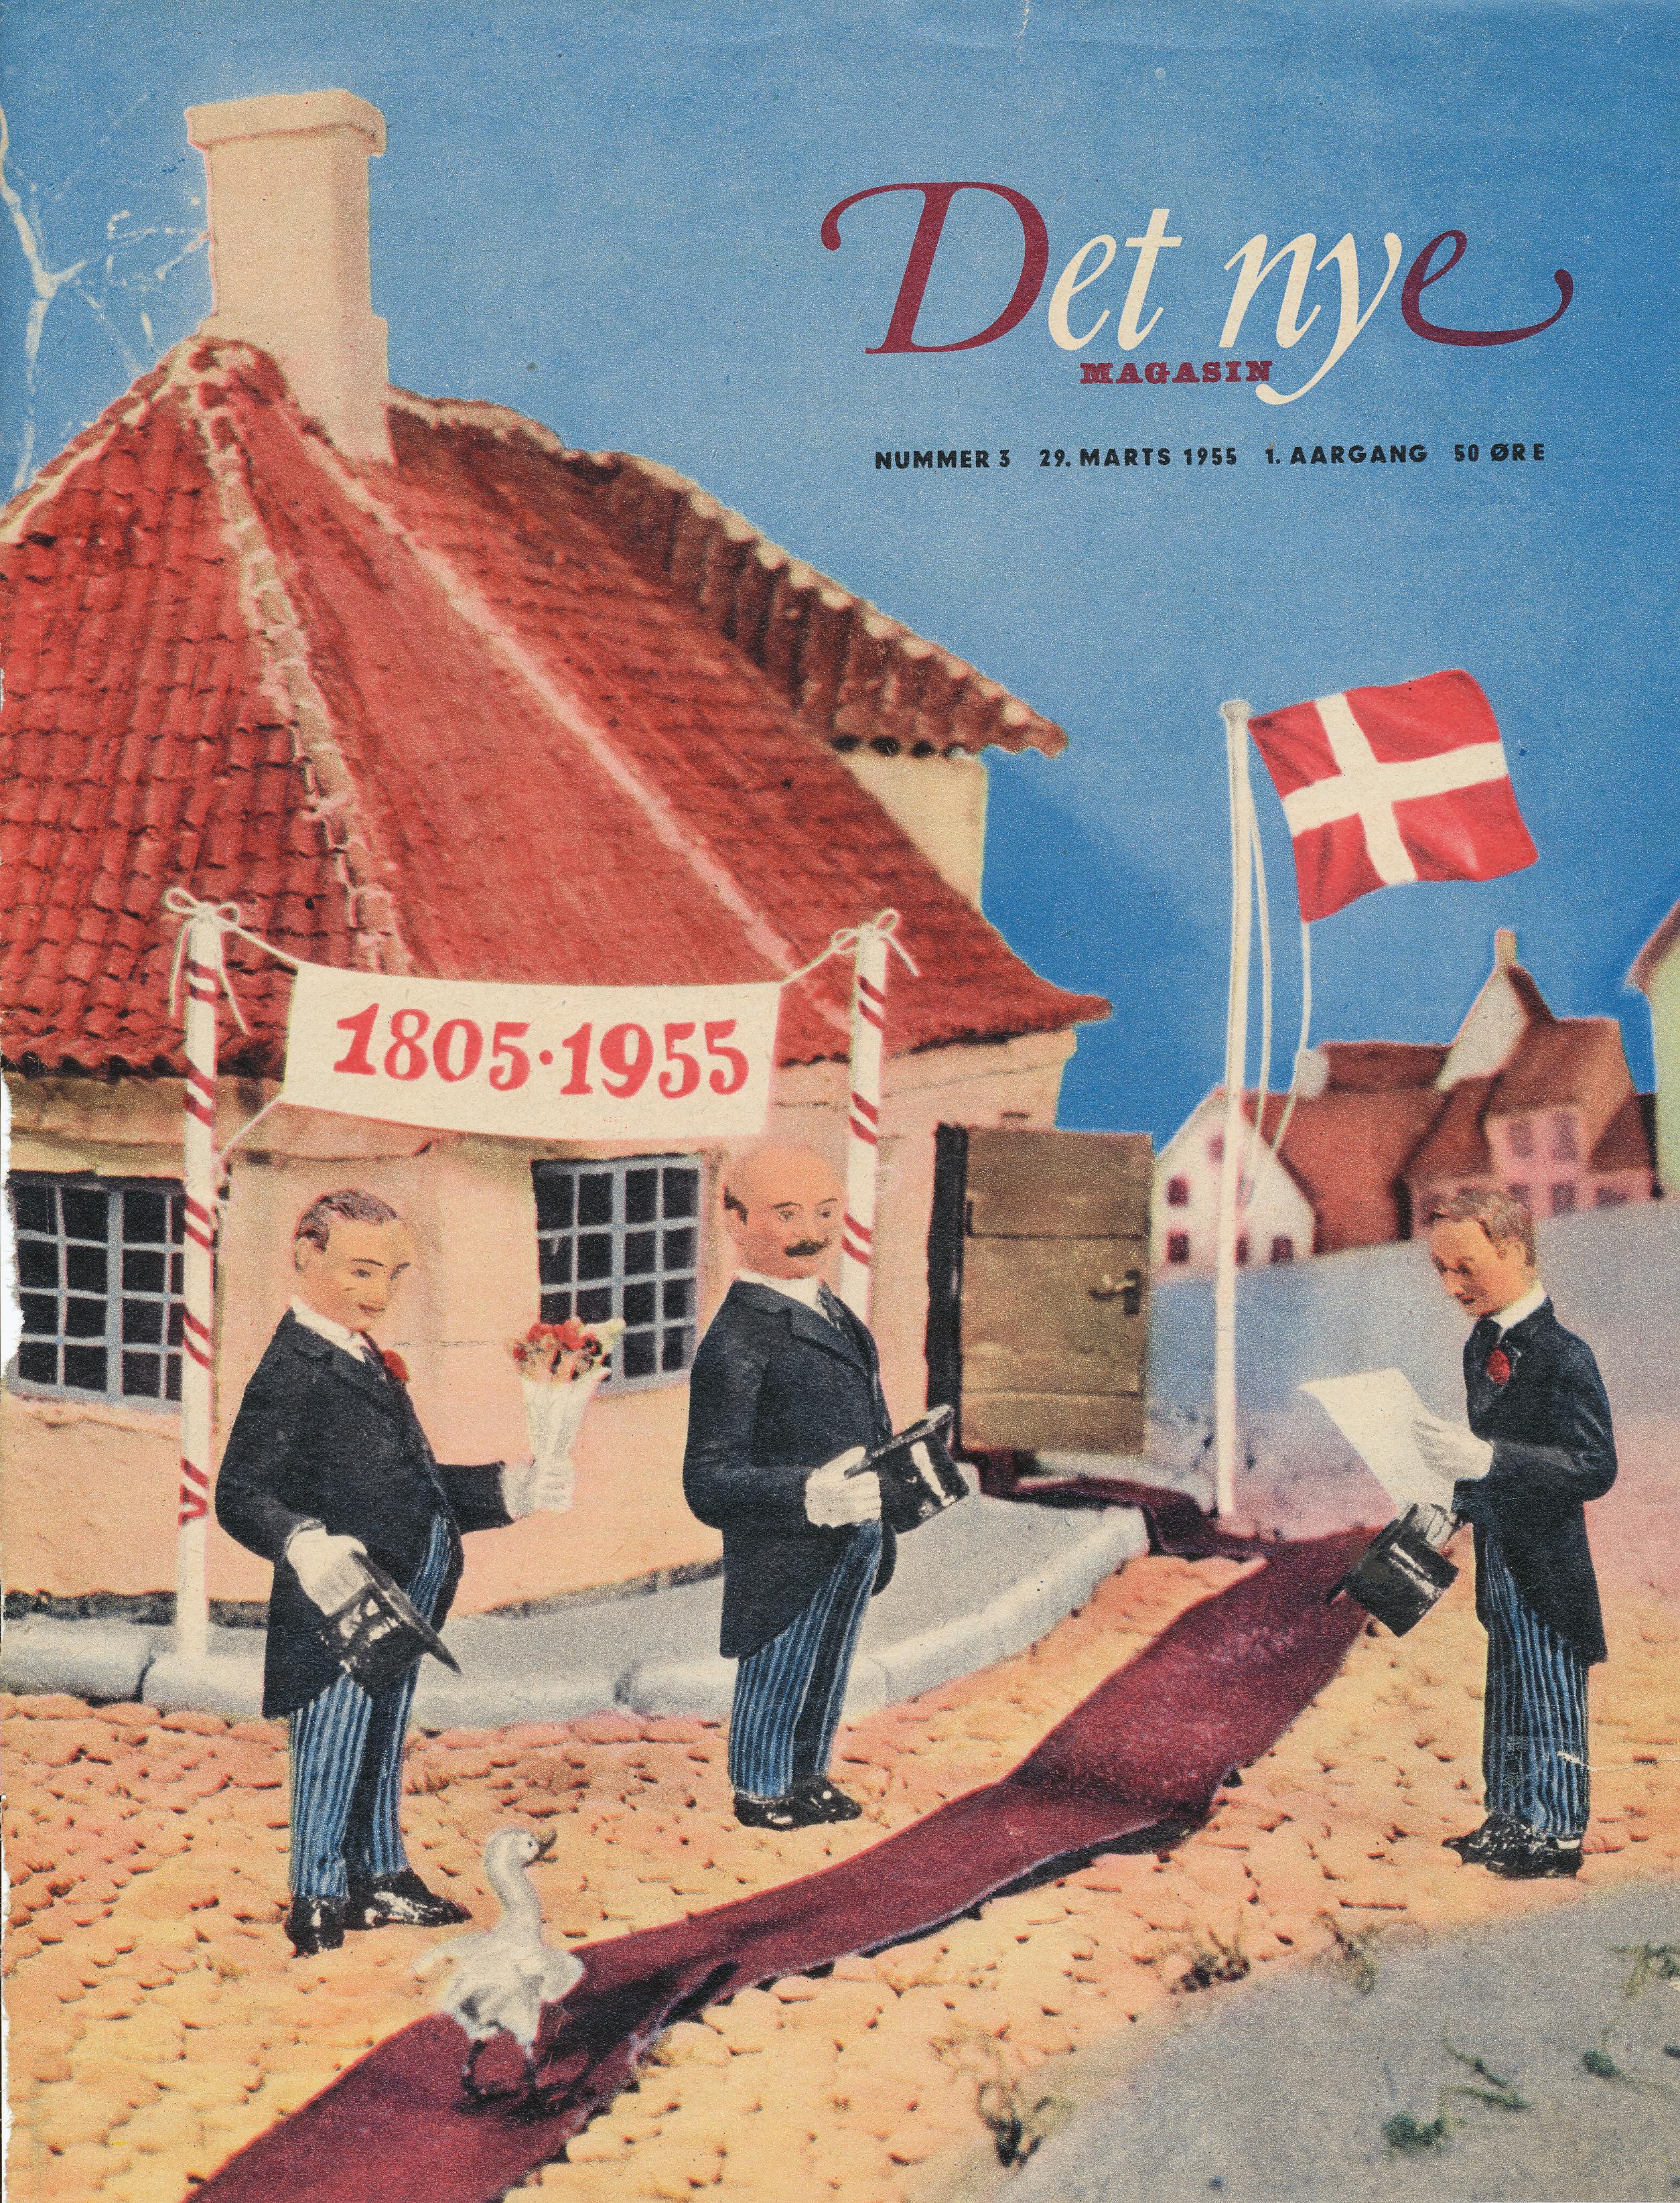 """I anledning af 150 års dagen for H.C. Andersens fødsel er den røde løber lagt ud foran indgang til H.C. Andersens hus i Odense. Forsiden af """"Det nye Magasin"""" Nummer 3. 29. marts 1. Aargang 50 øre 1955.  Foto Lars Bjørnsten"""